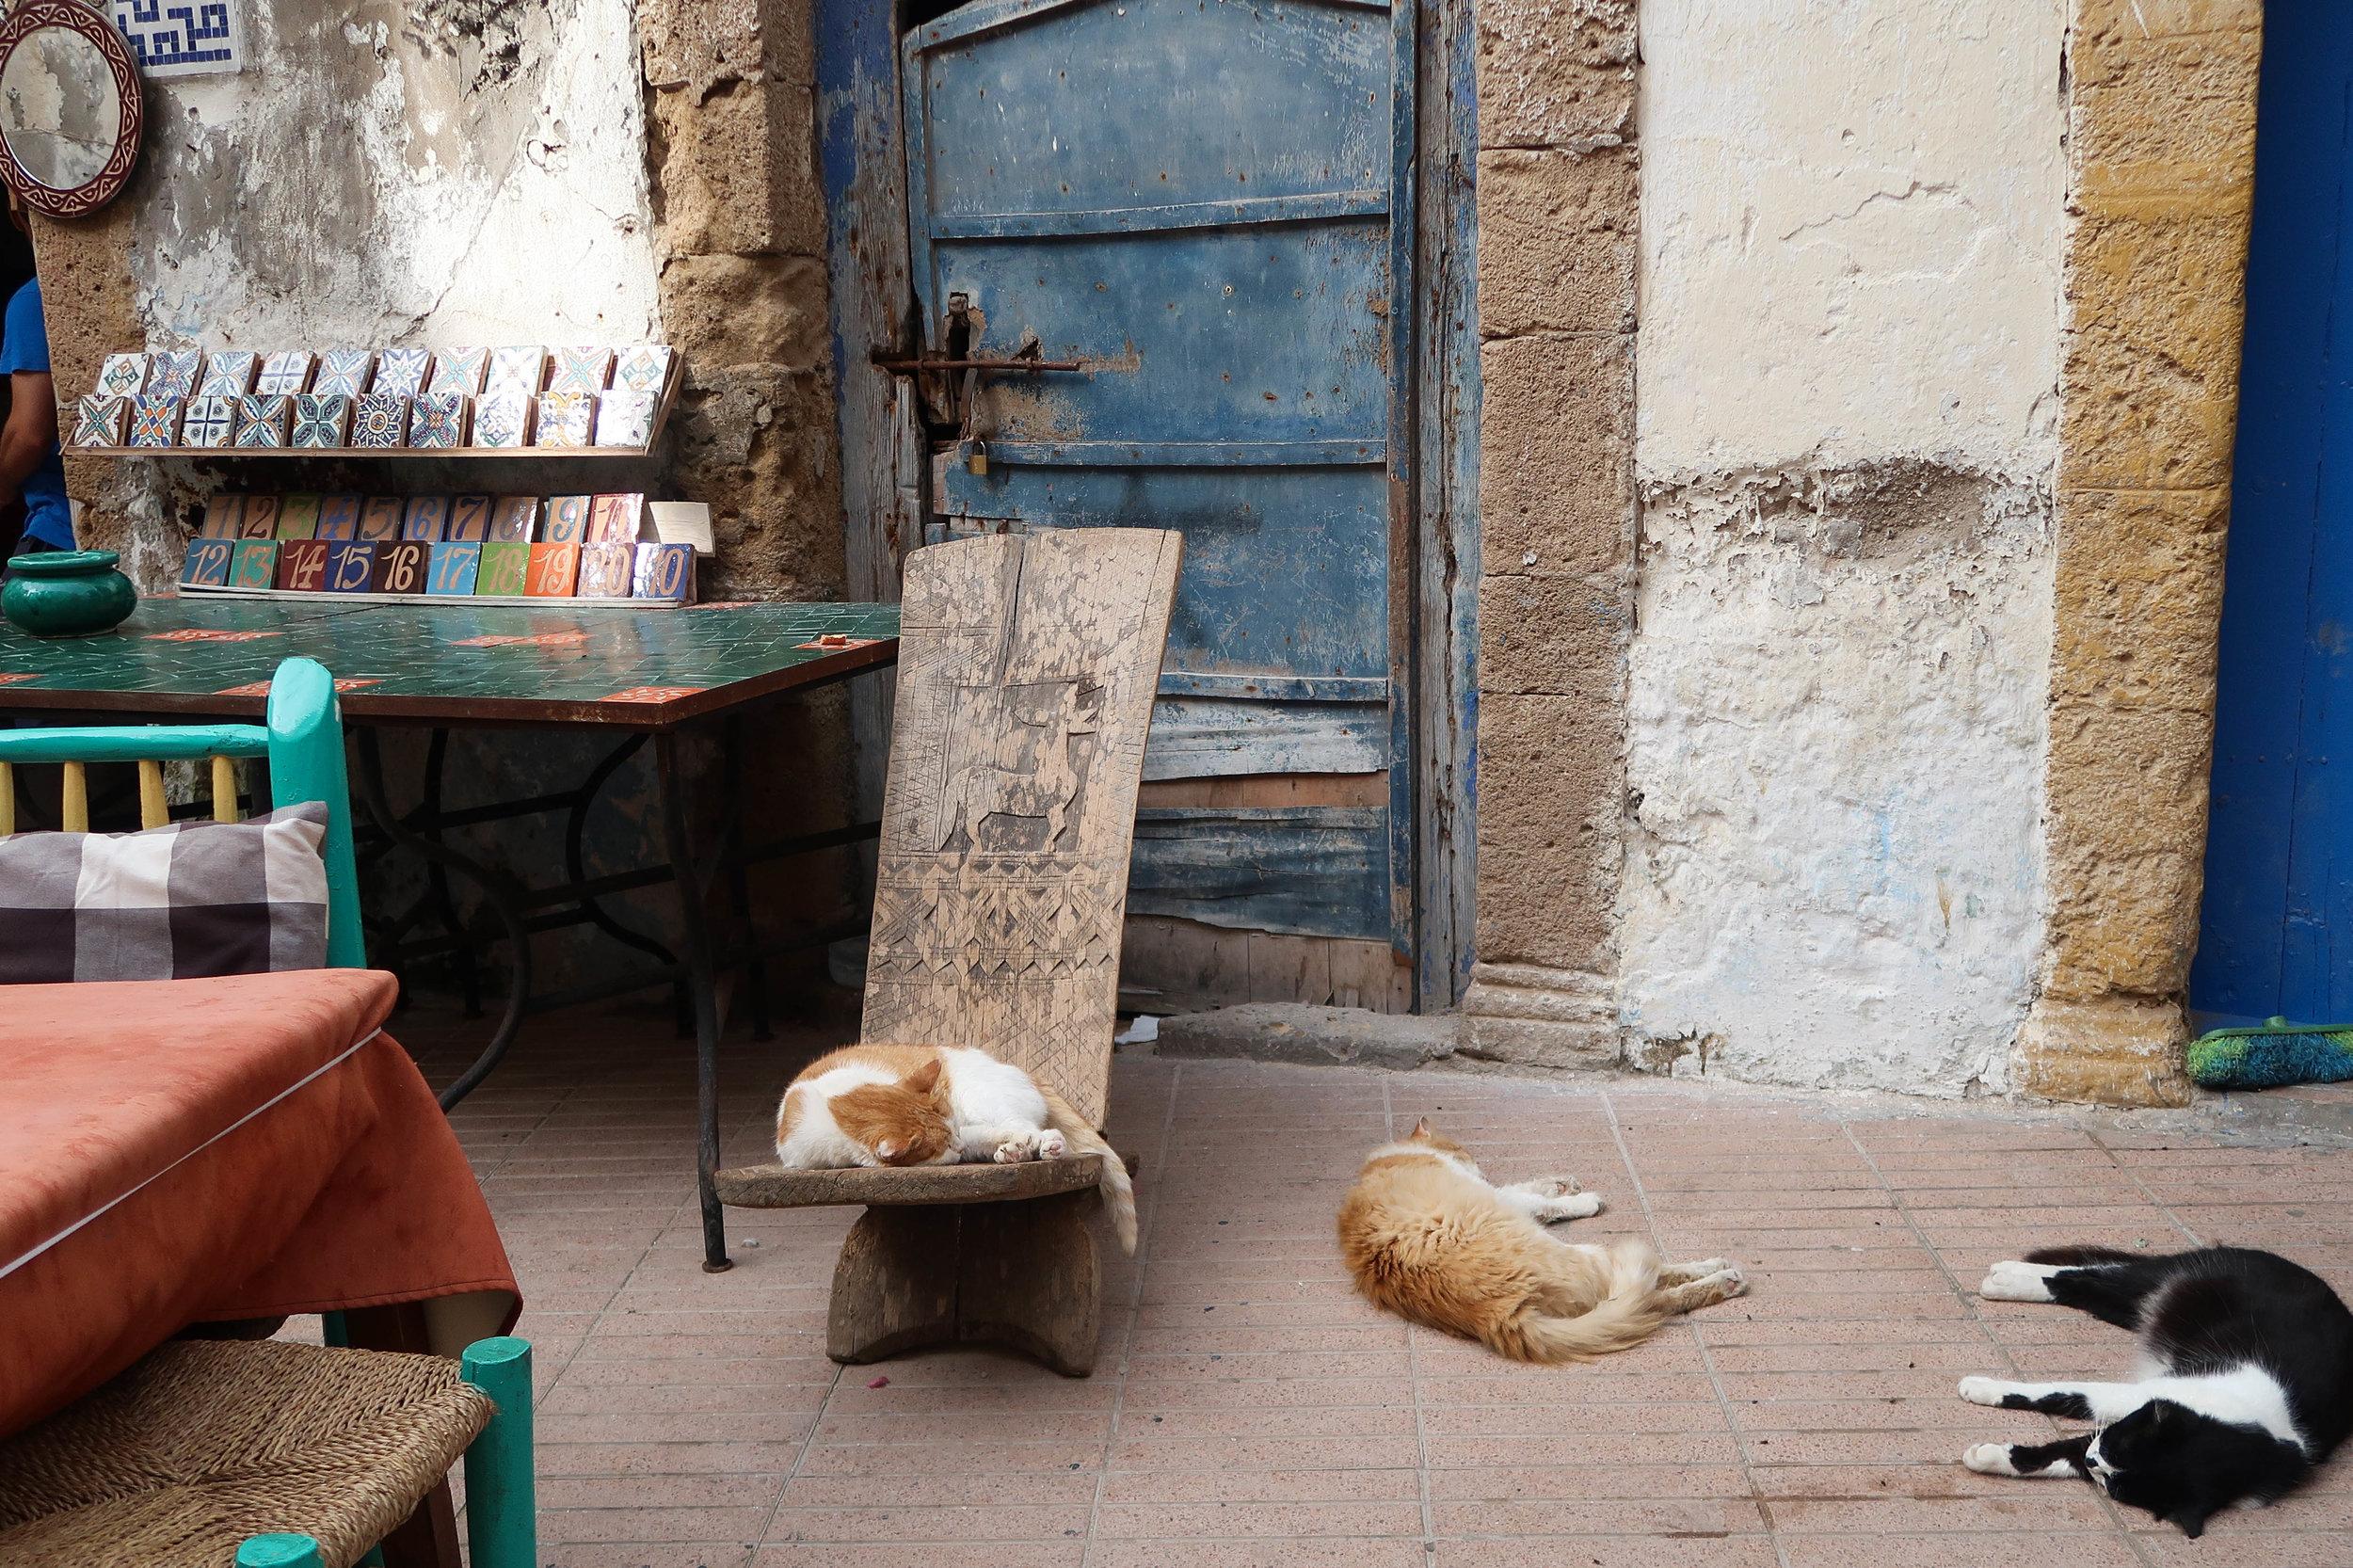 Nap time in Essaouira.